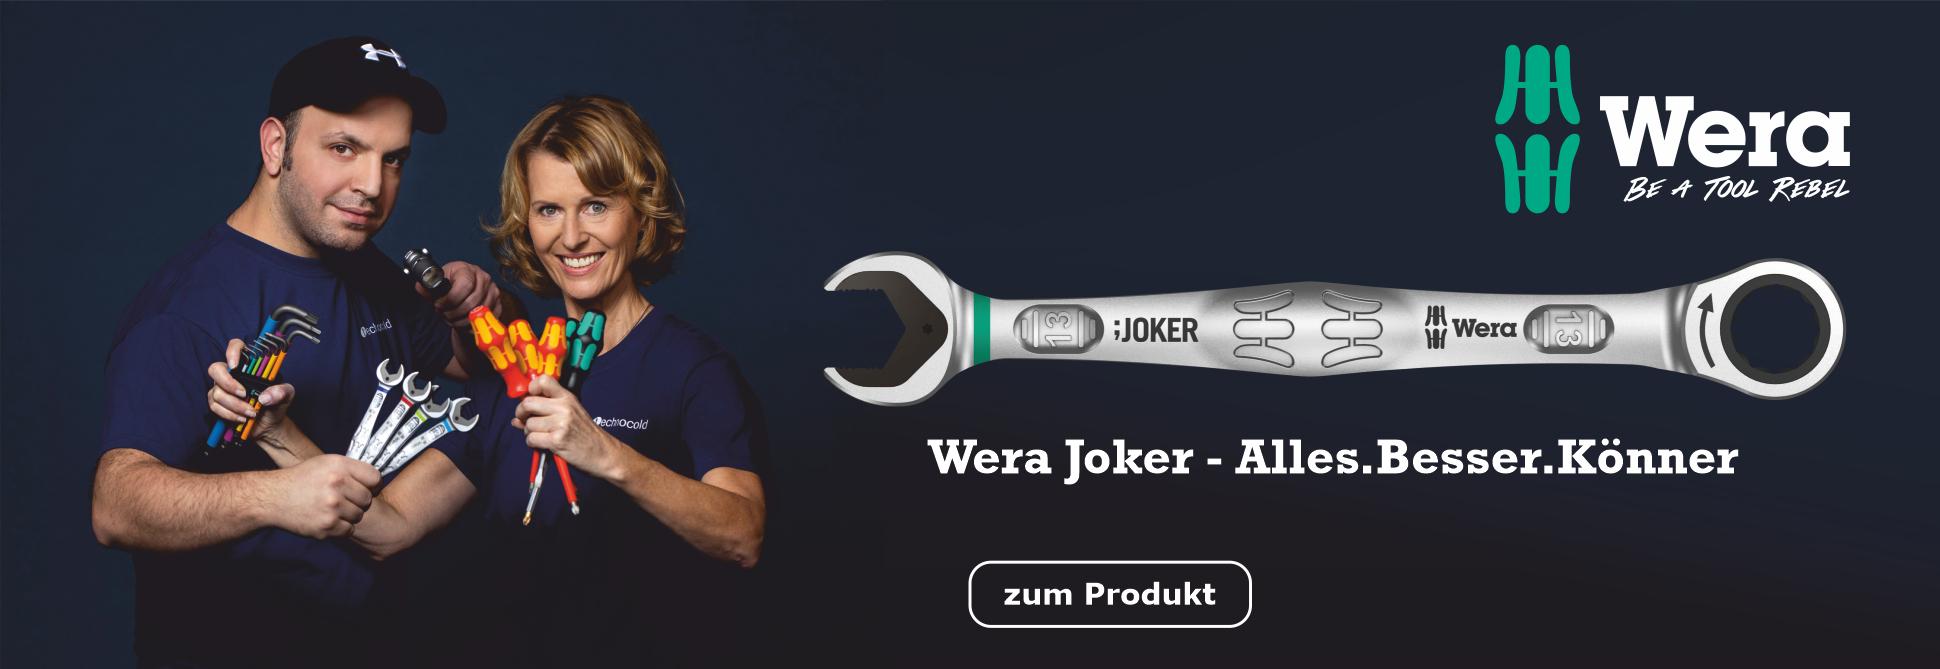 Banner Wera Joker